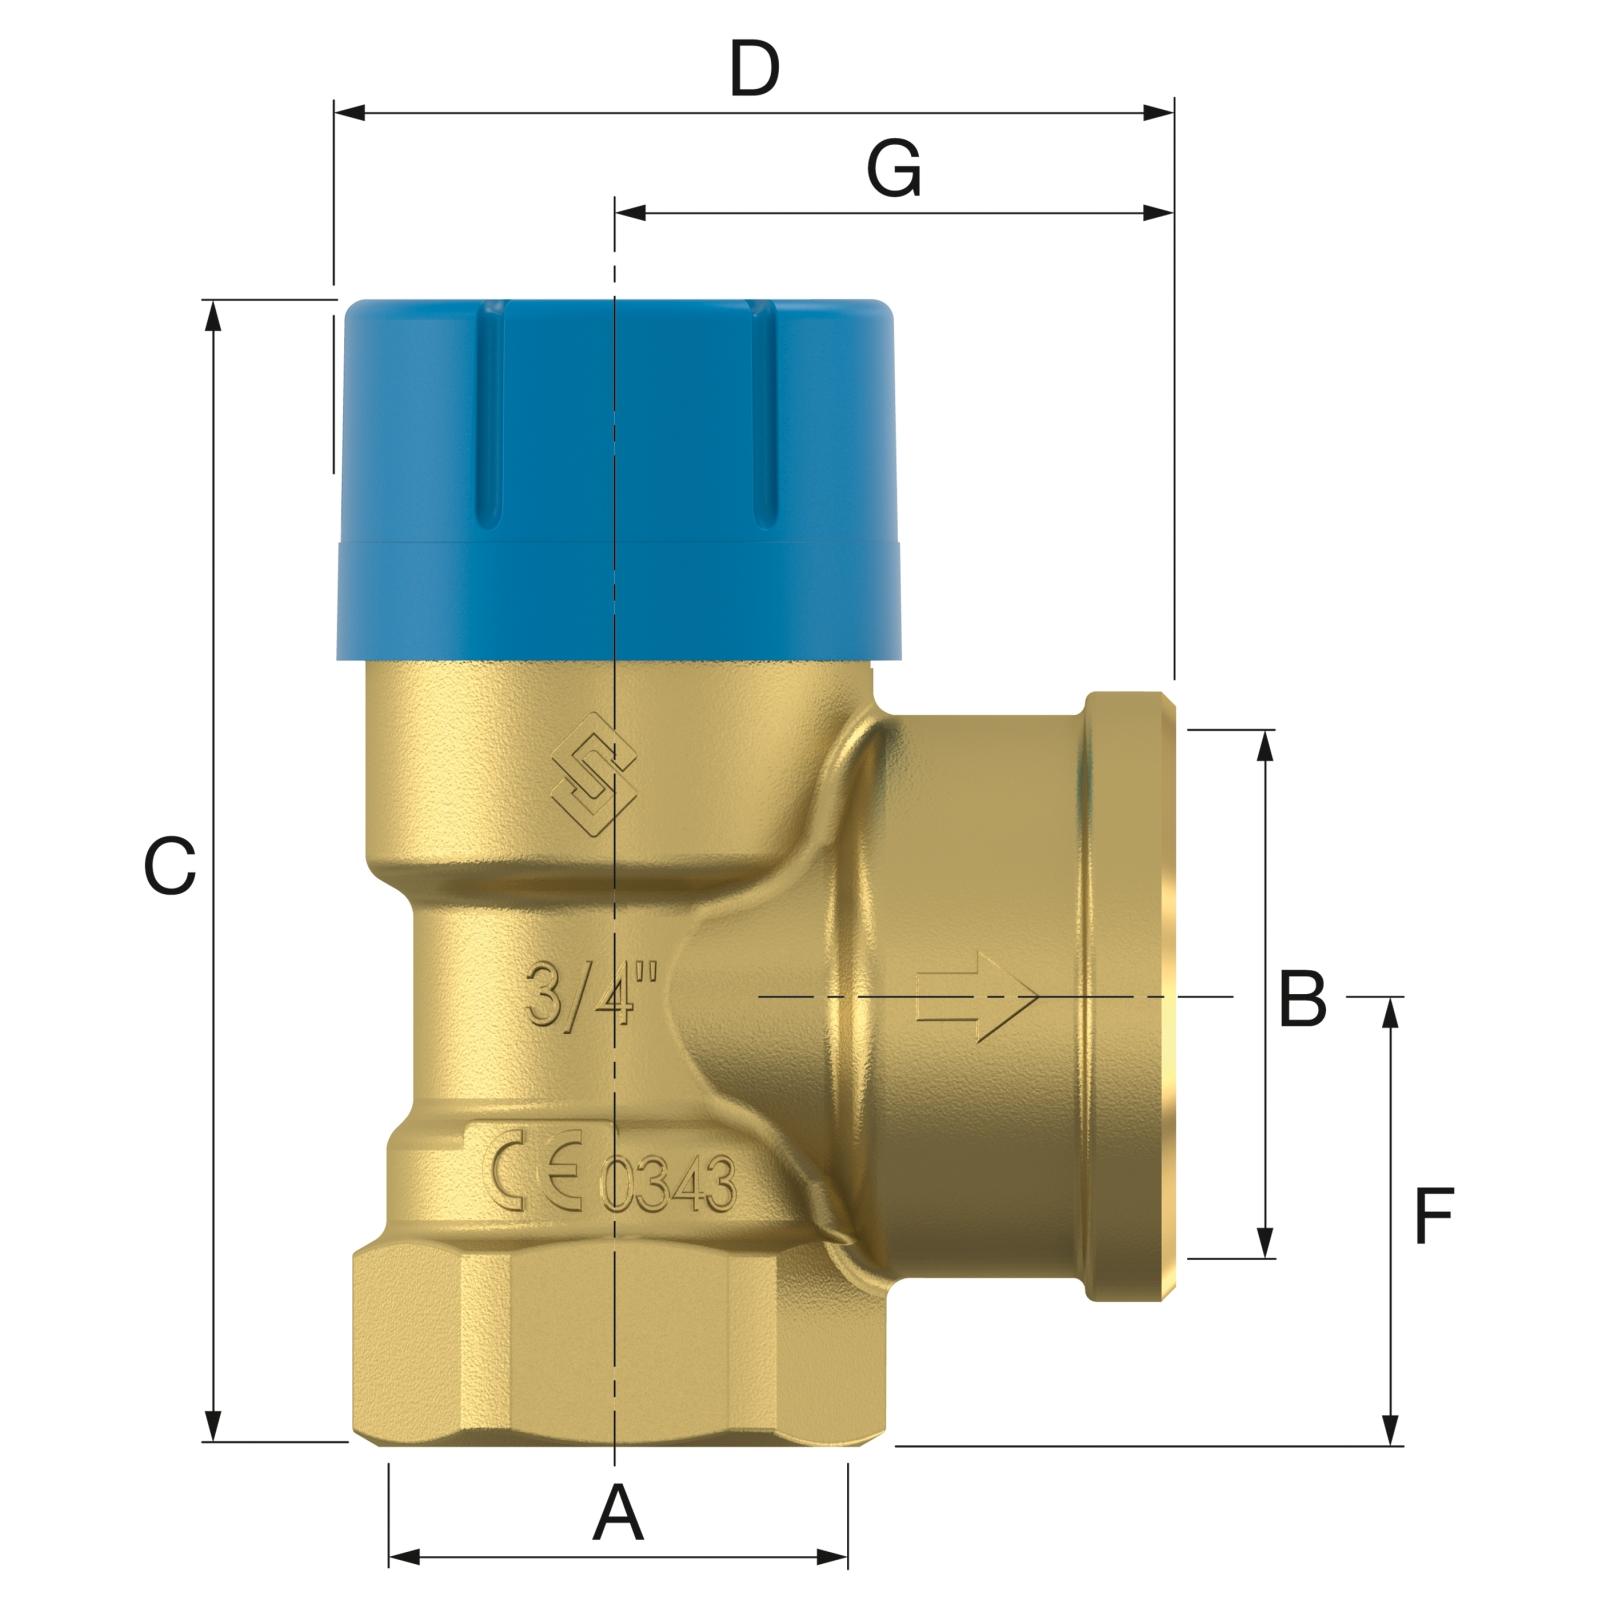 Flamco Prescor B 1/2x1/2 - 10 bar Biztonsági szelep (27102) műszaki ábra